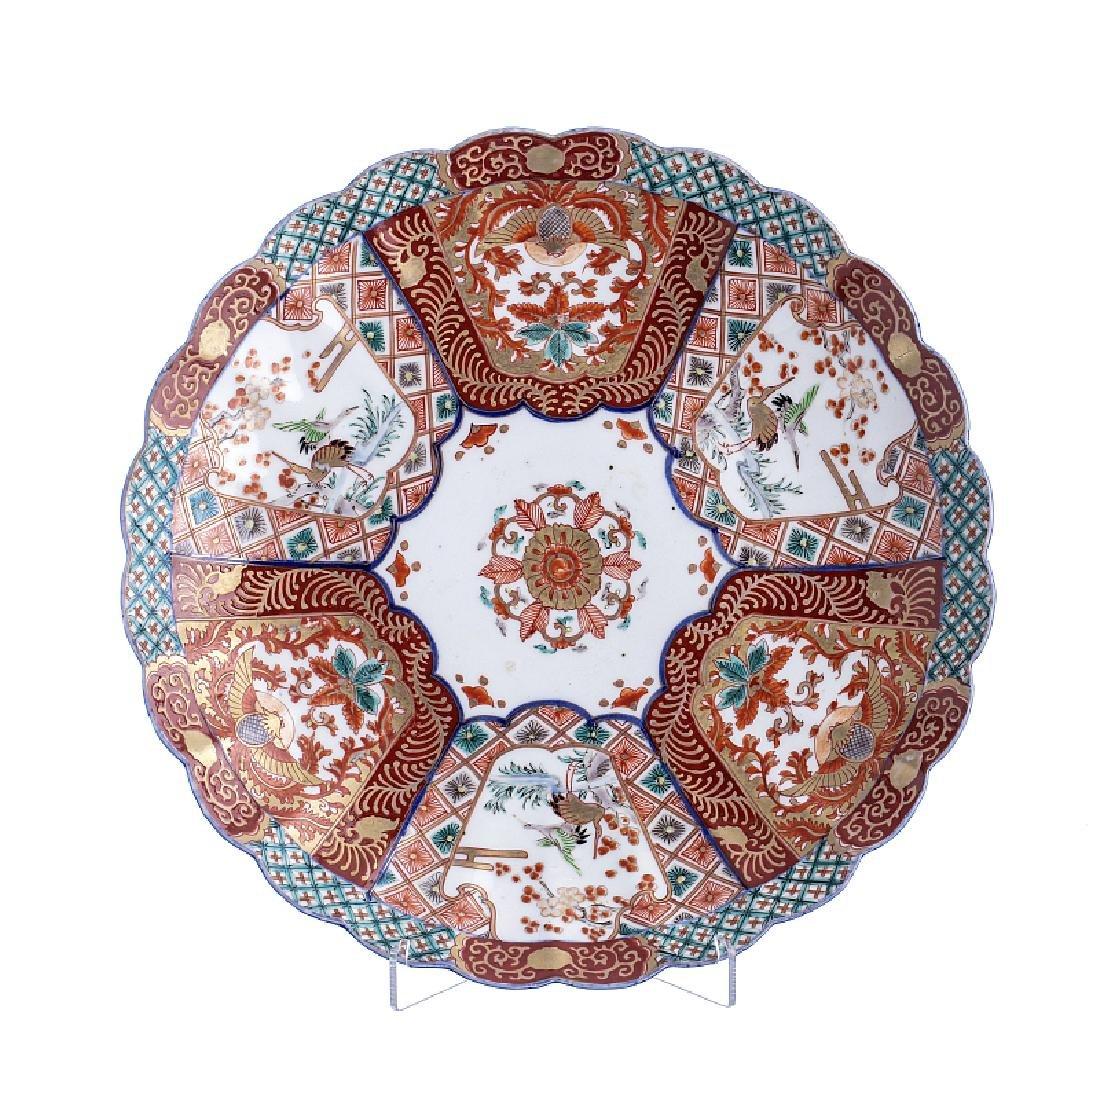 Plate in Imari porcelain, Japan